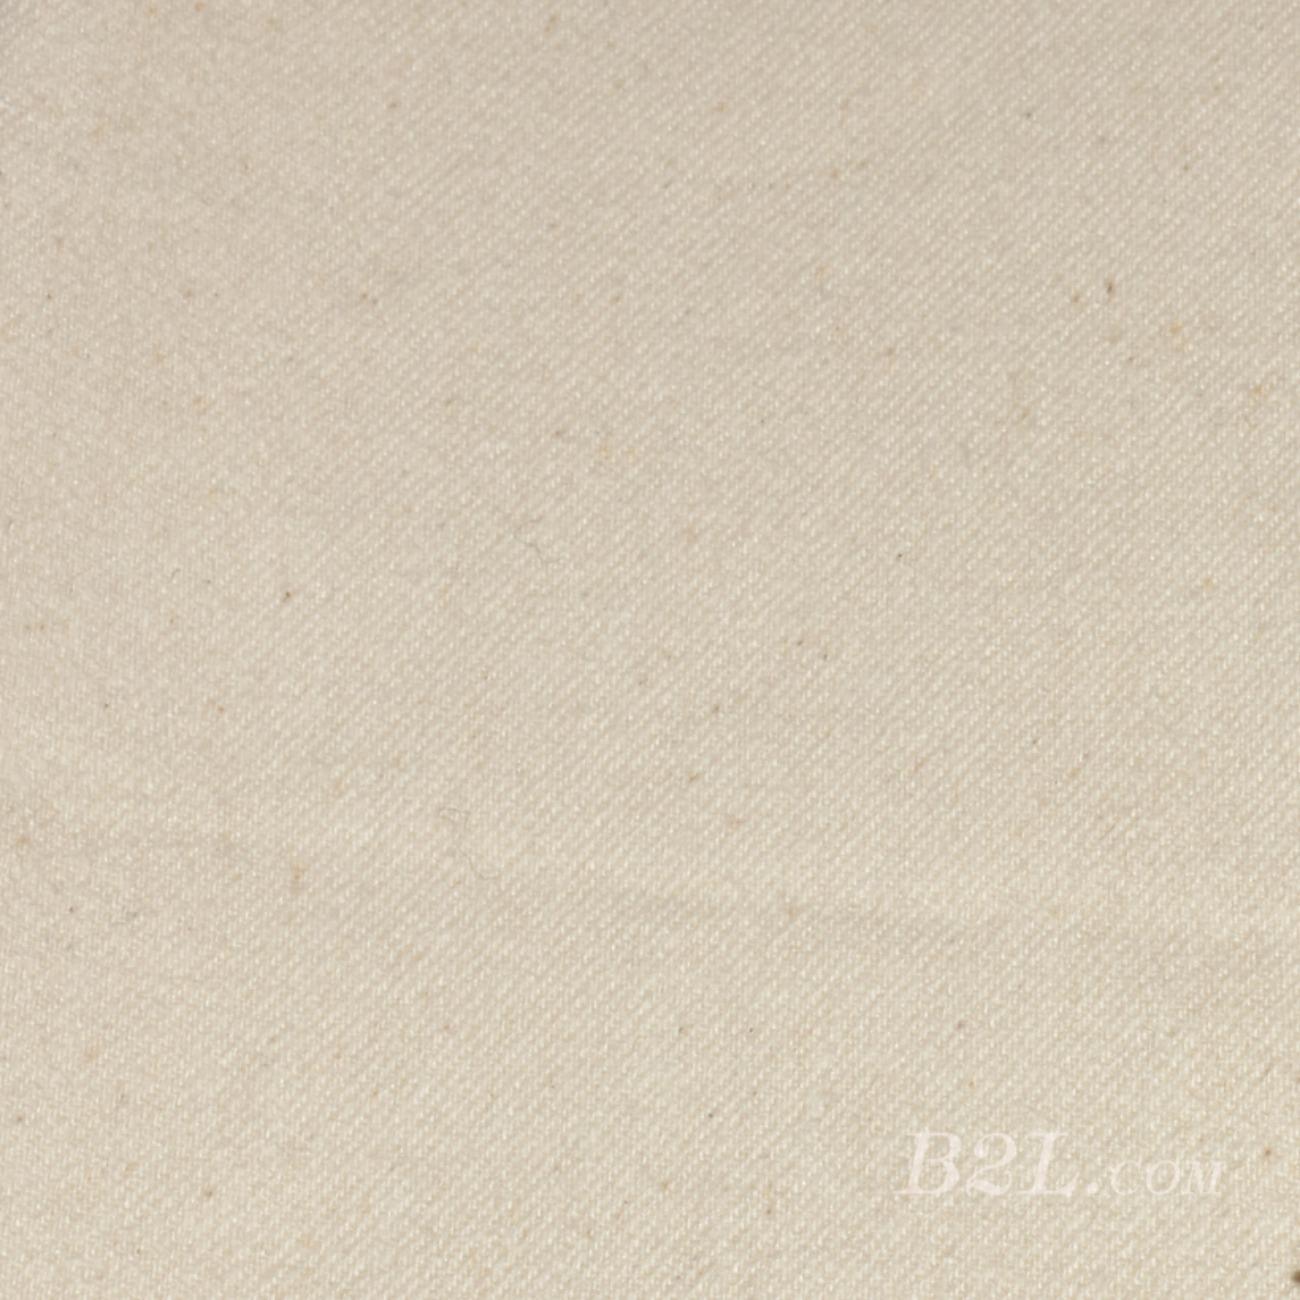 梭织染色斜纹素色面料-春秋卫衣半身裙外套面料91015-1